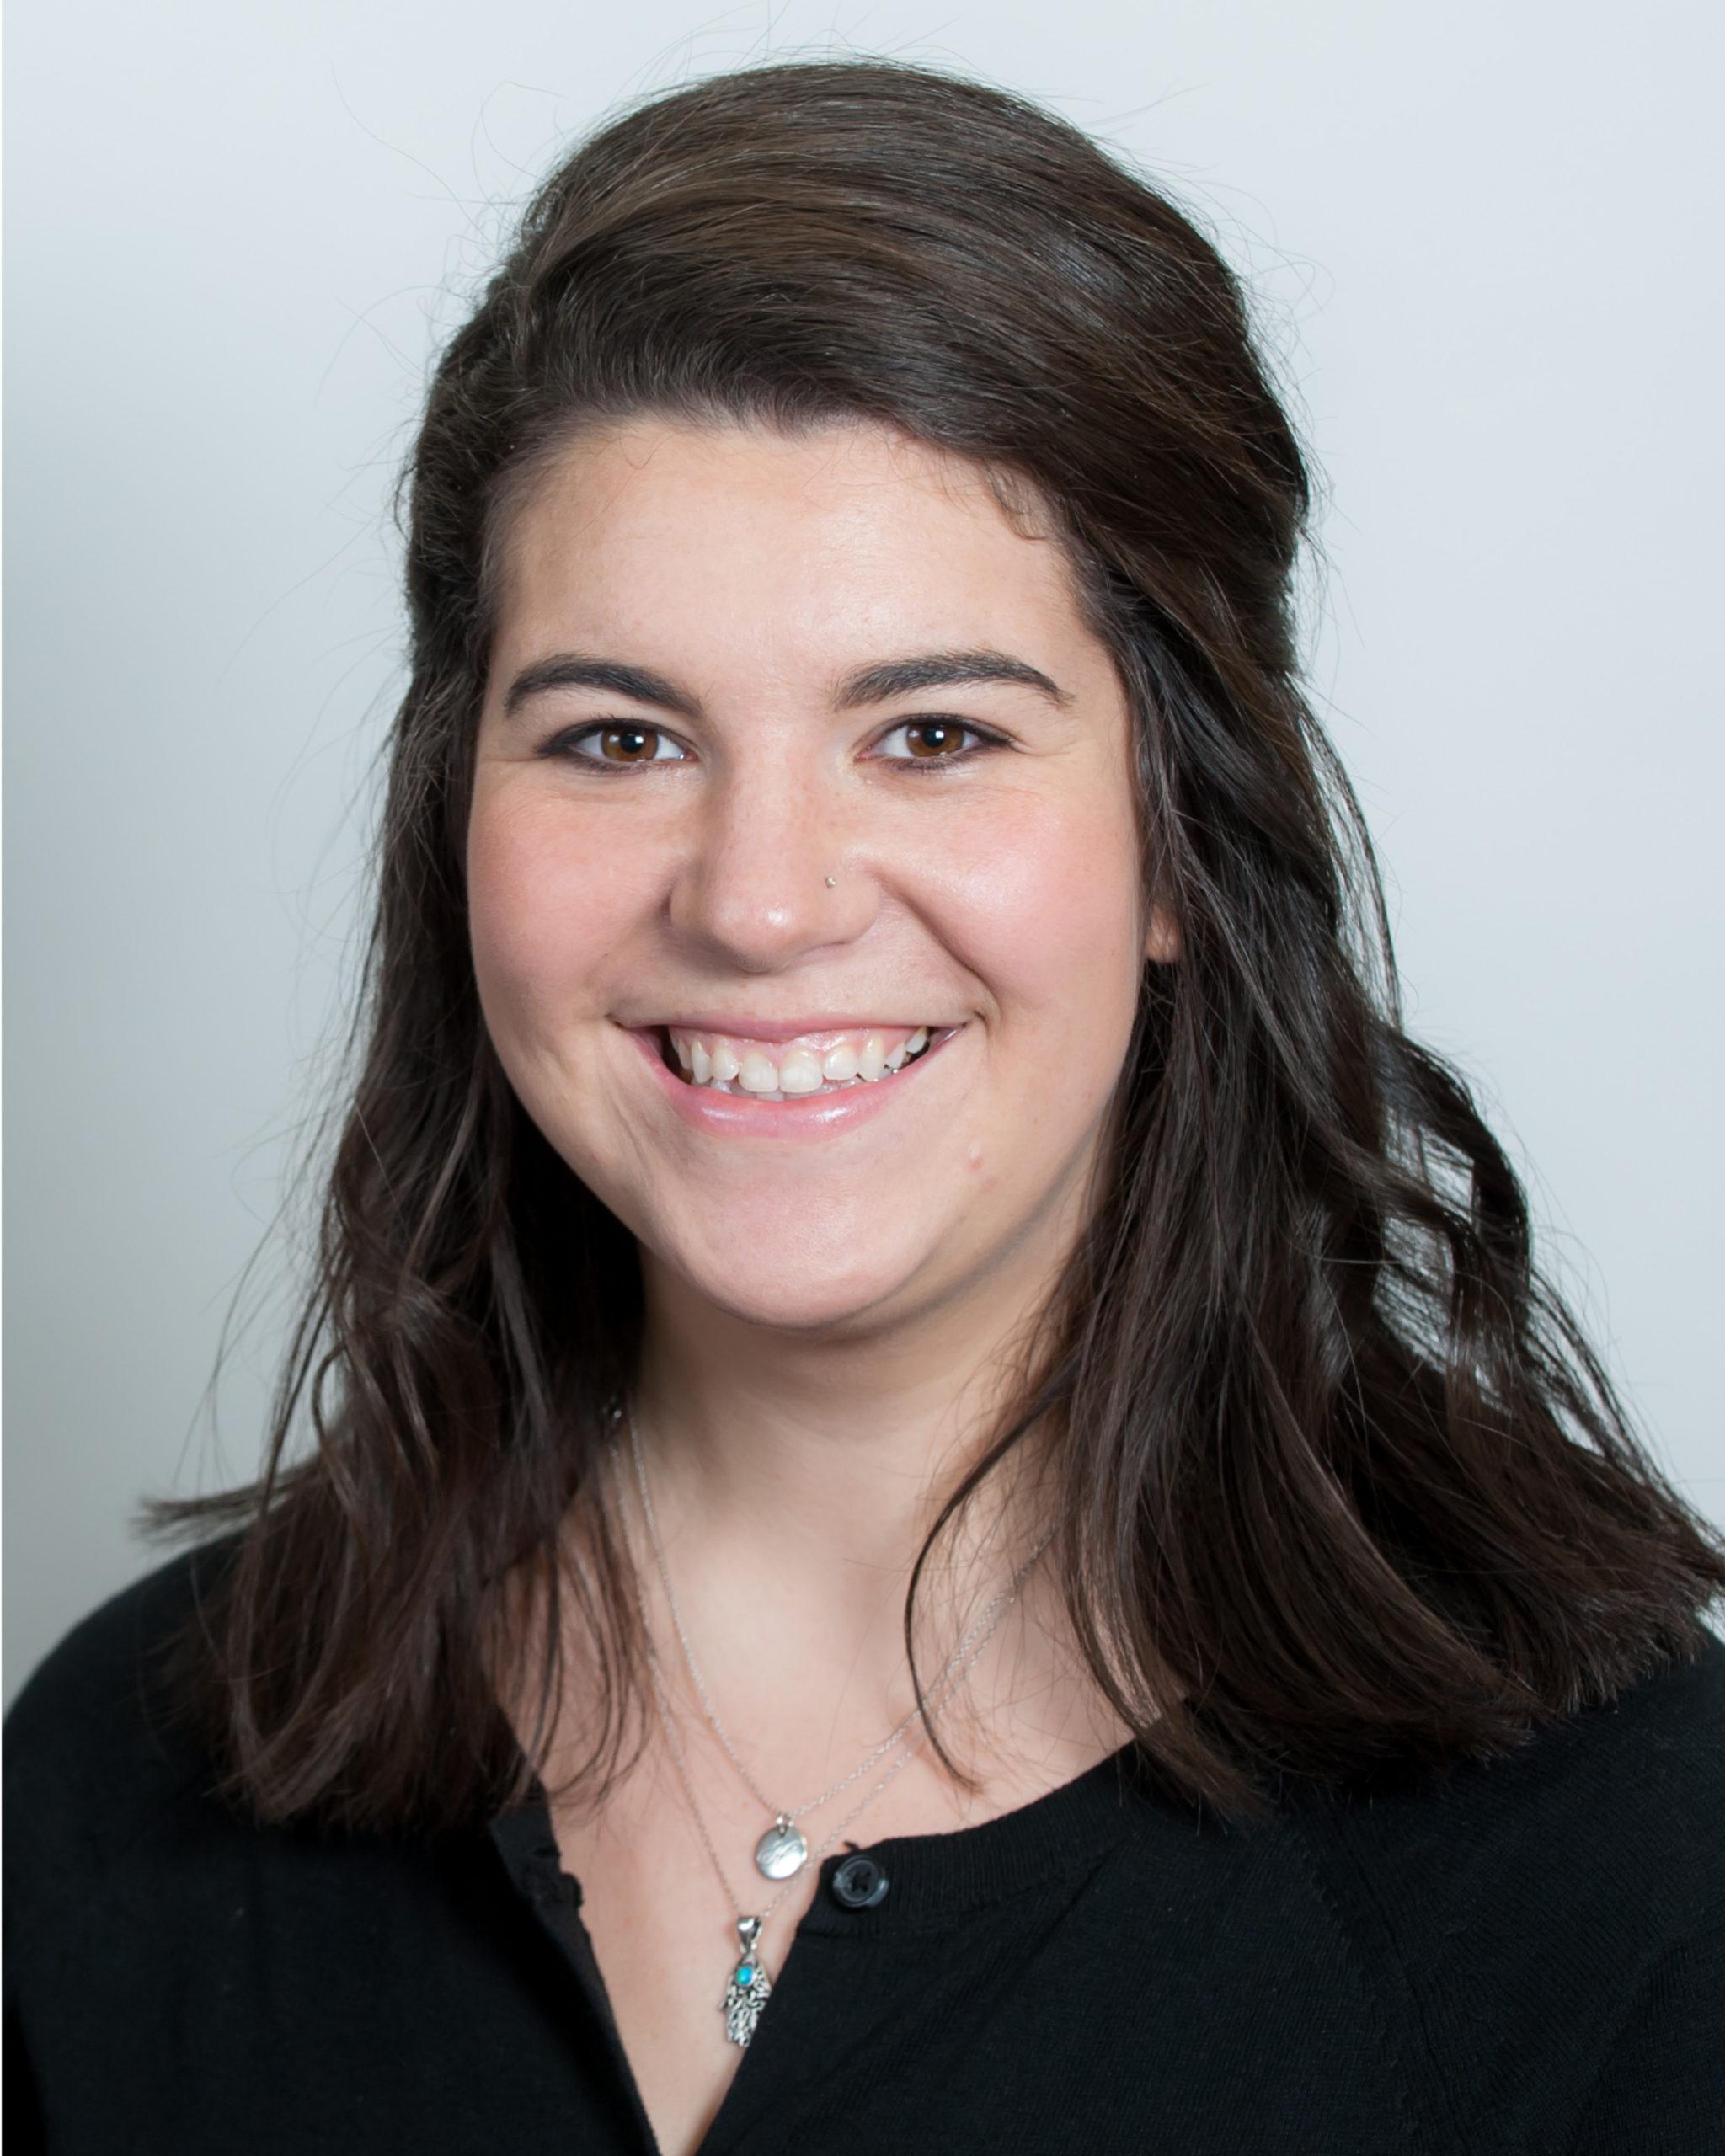 Hannah Schreiber